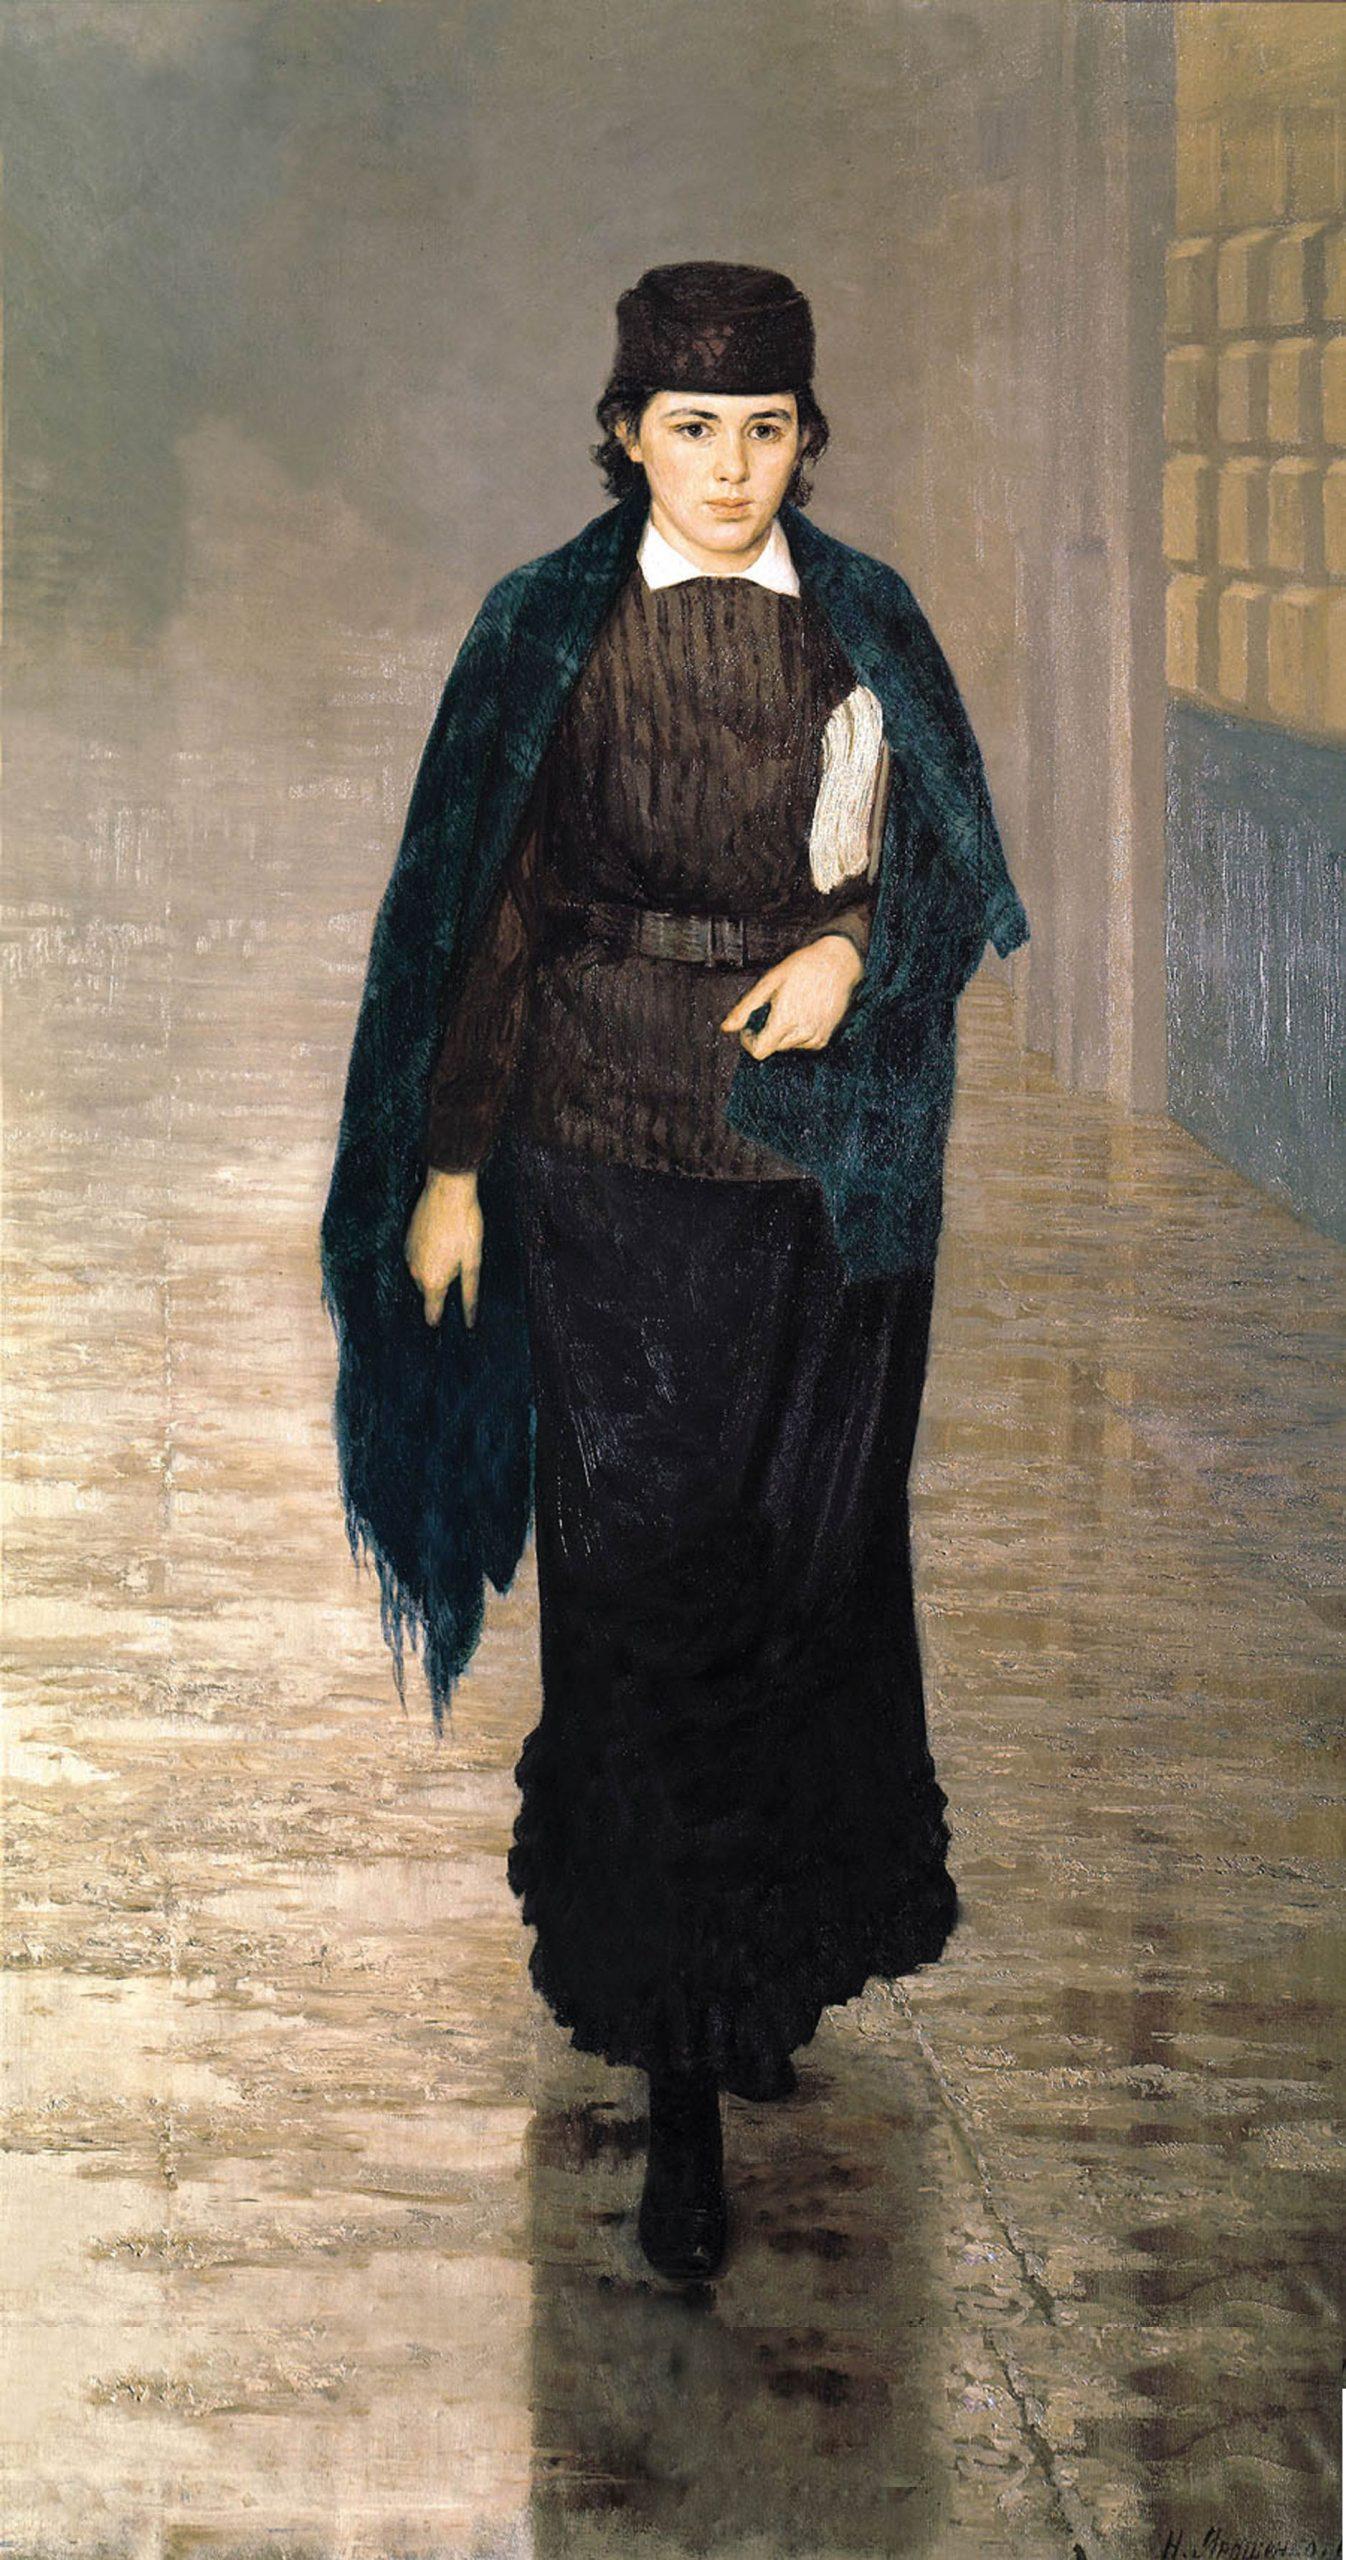 במהלך המאה ה־19 החלו נשים אט אט ללמוד באוניברסיטאות באירופה, וההשכלה שרכשו שם הייתה אחד הגורמים שהשפיעו על צמיחתן של נשים כותבות. סטודנטית בקייב, ניקולאי ירושנקו, שמן על בד, 1883